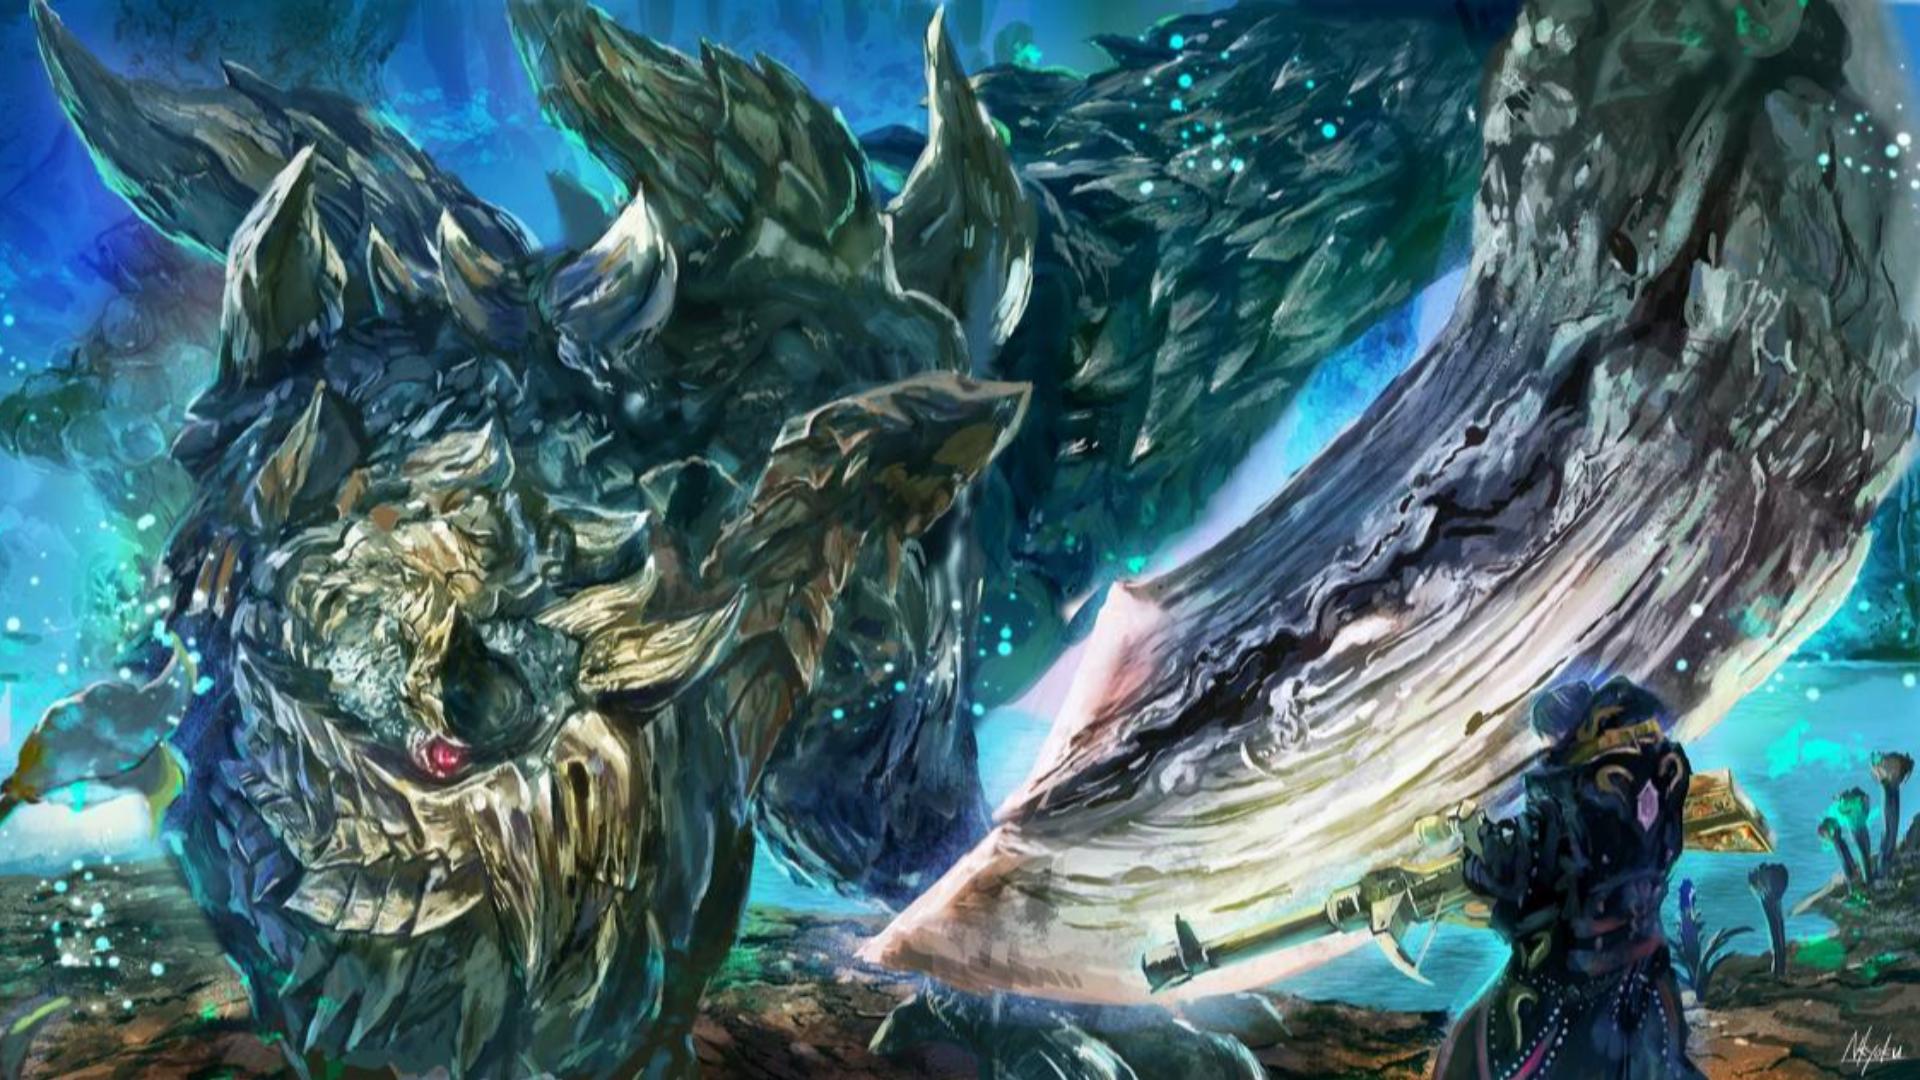 【怪物猎人世界冰原】 斗技场双人对居硫斩龙